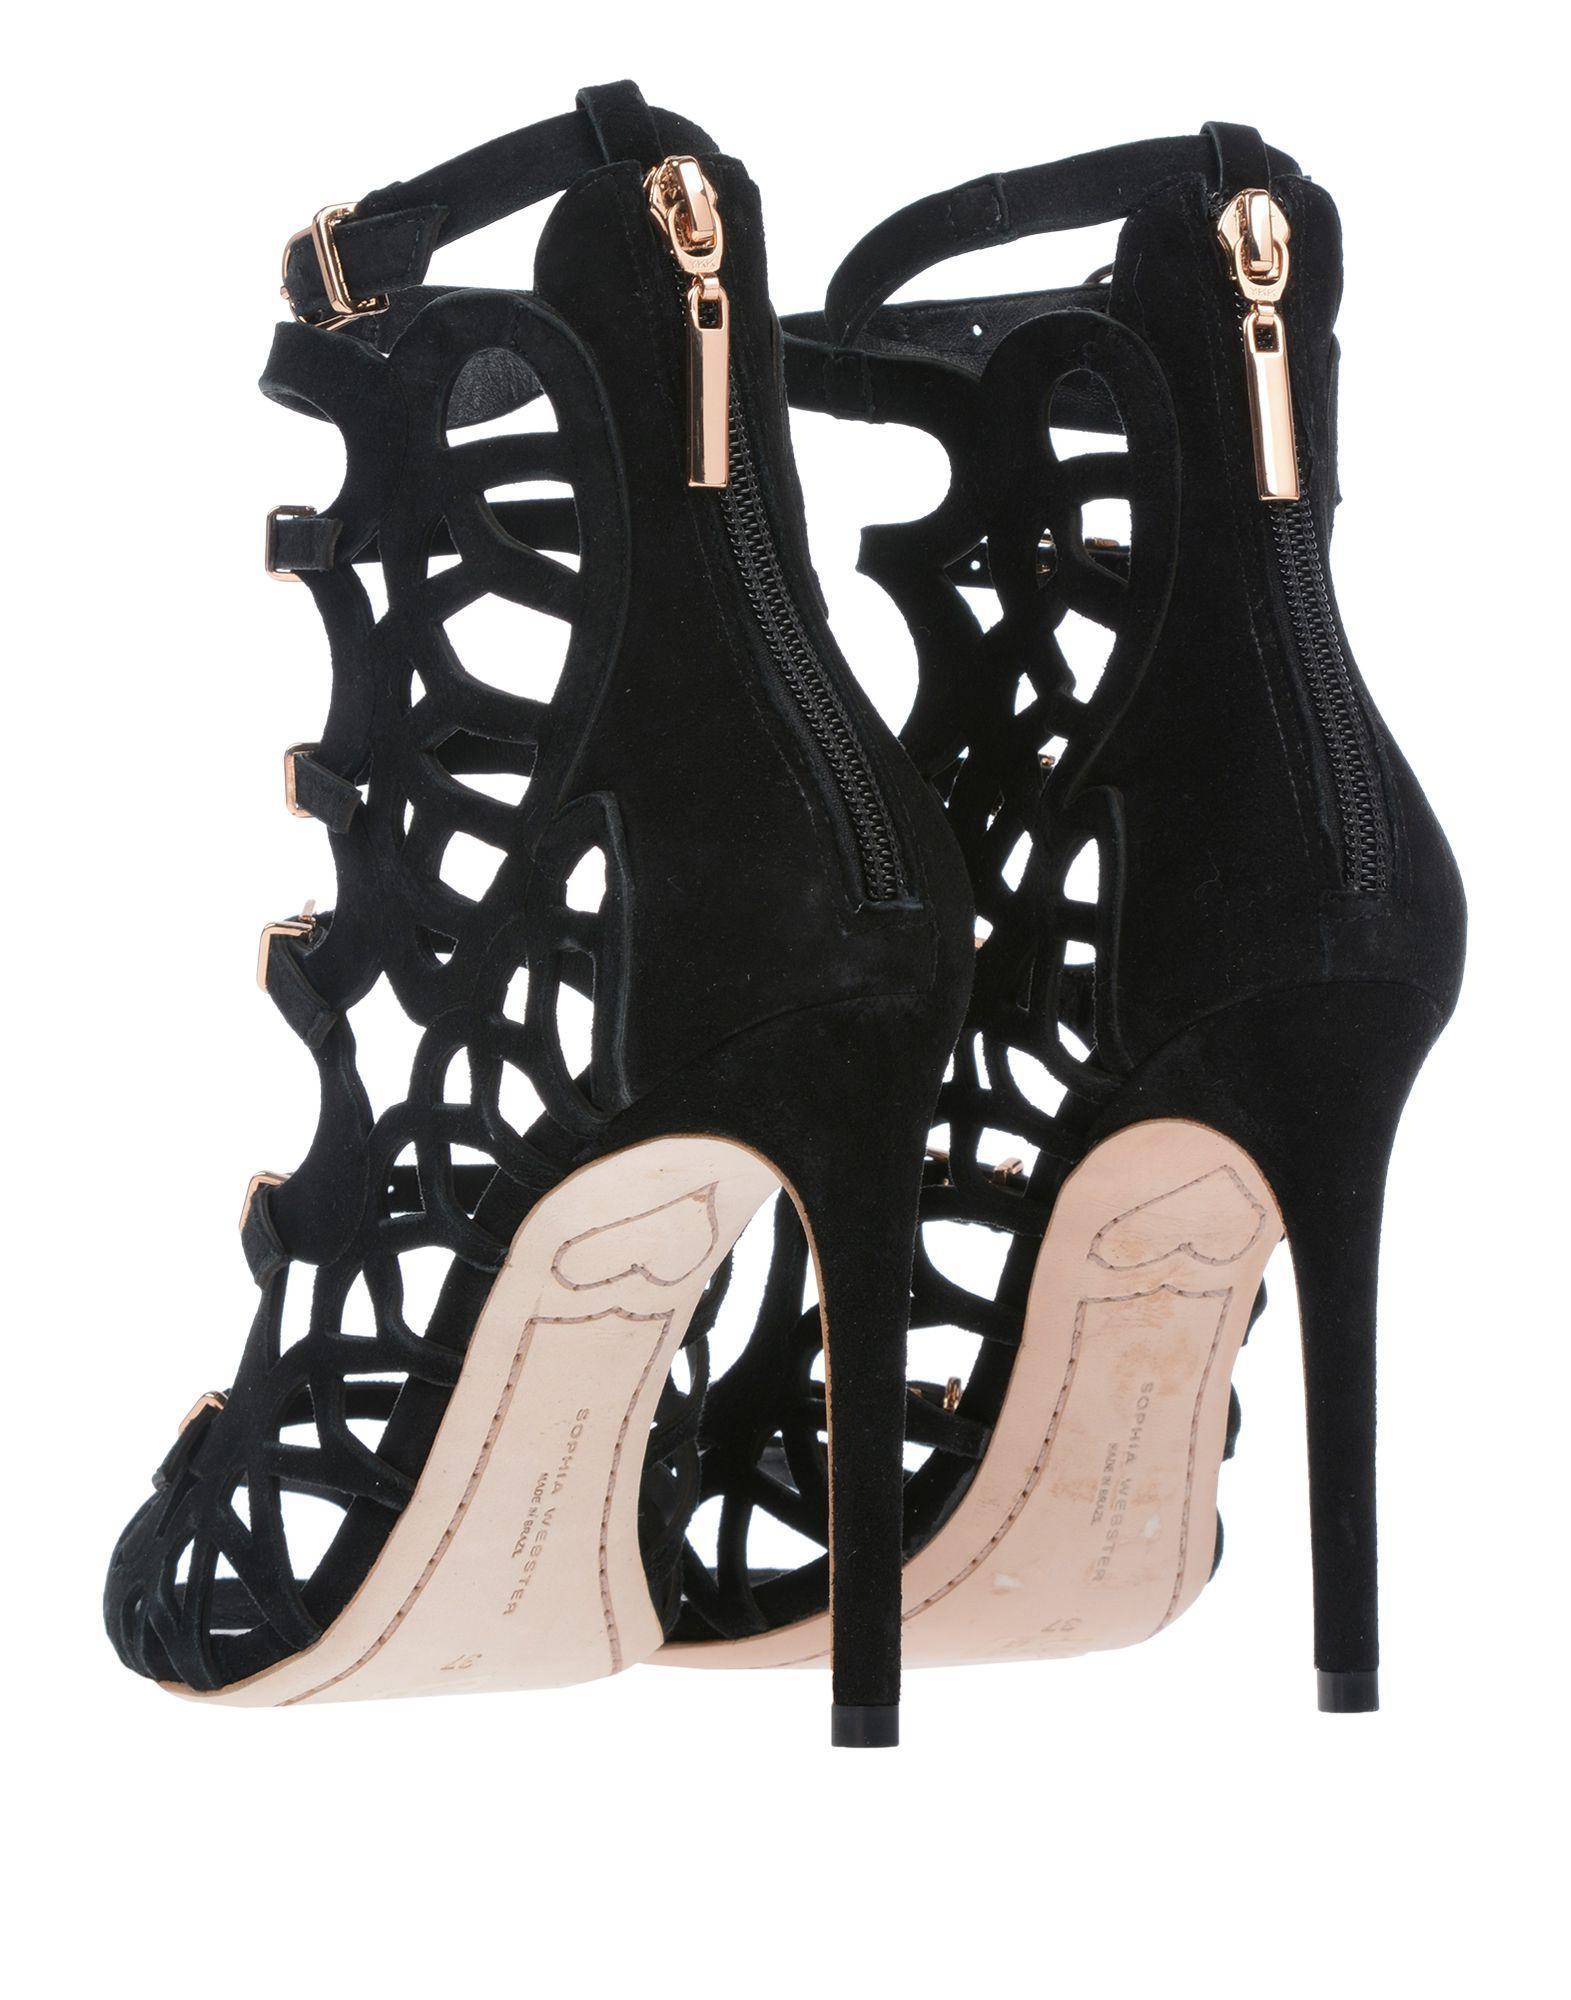 7e42fec8f95d Lyst - Sophia Webster Sandals in Black - Save 70%